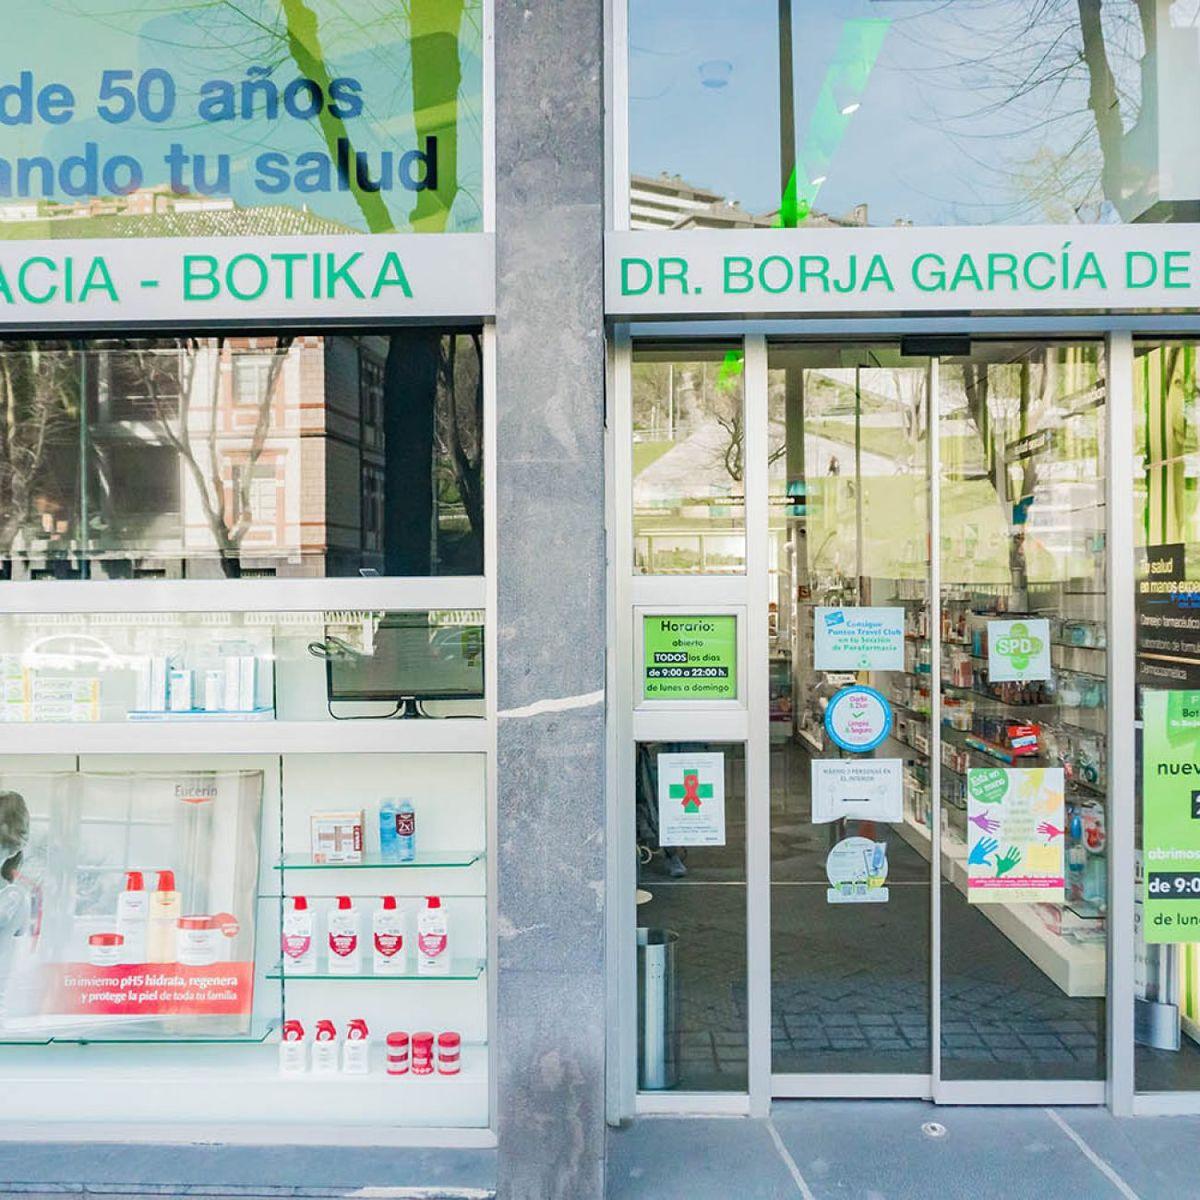 Farmacia Borja Garcia de Bikuña en Deusto